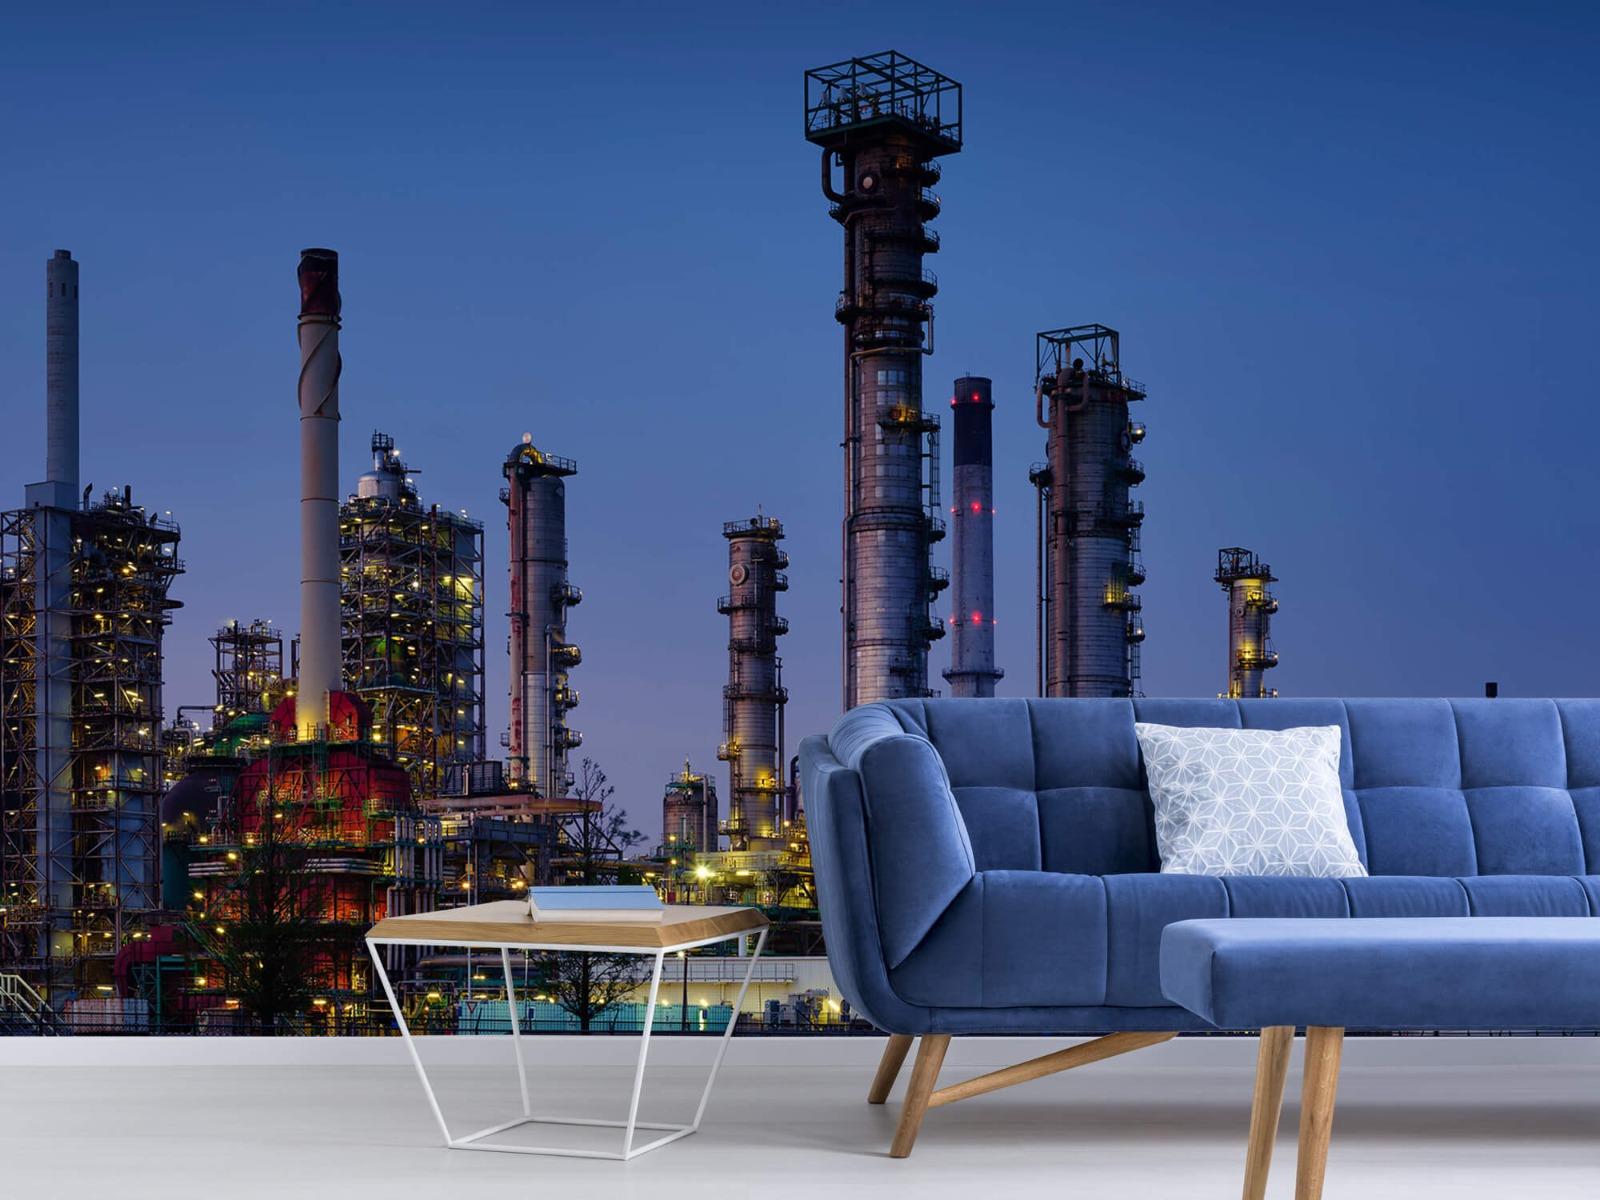 Steden behang - Industrie Botlek - Hobbykamer 4